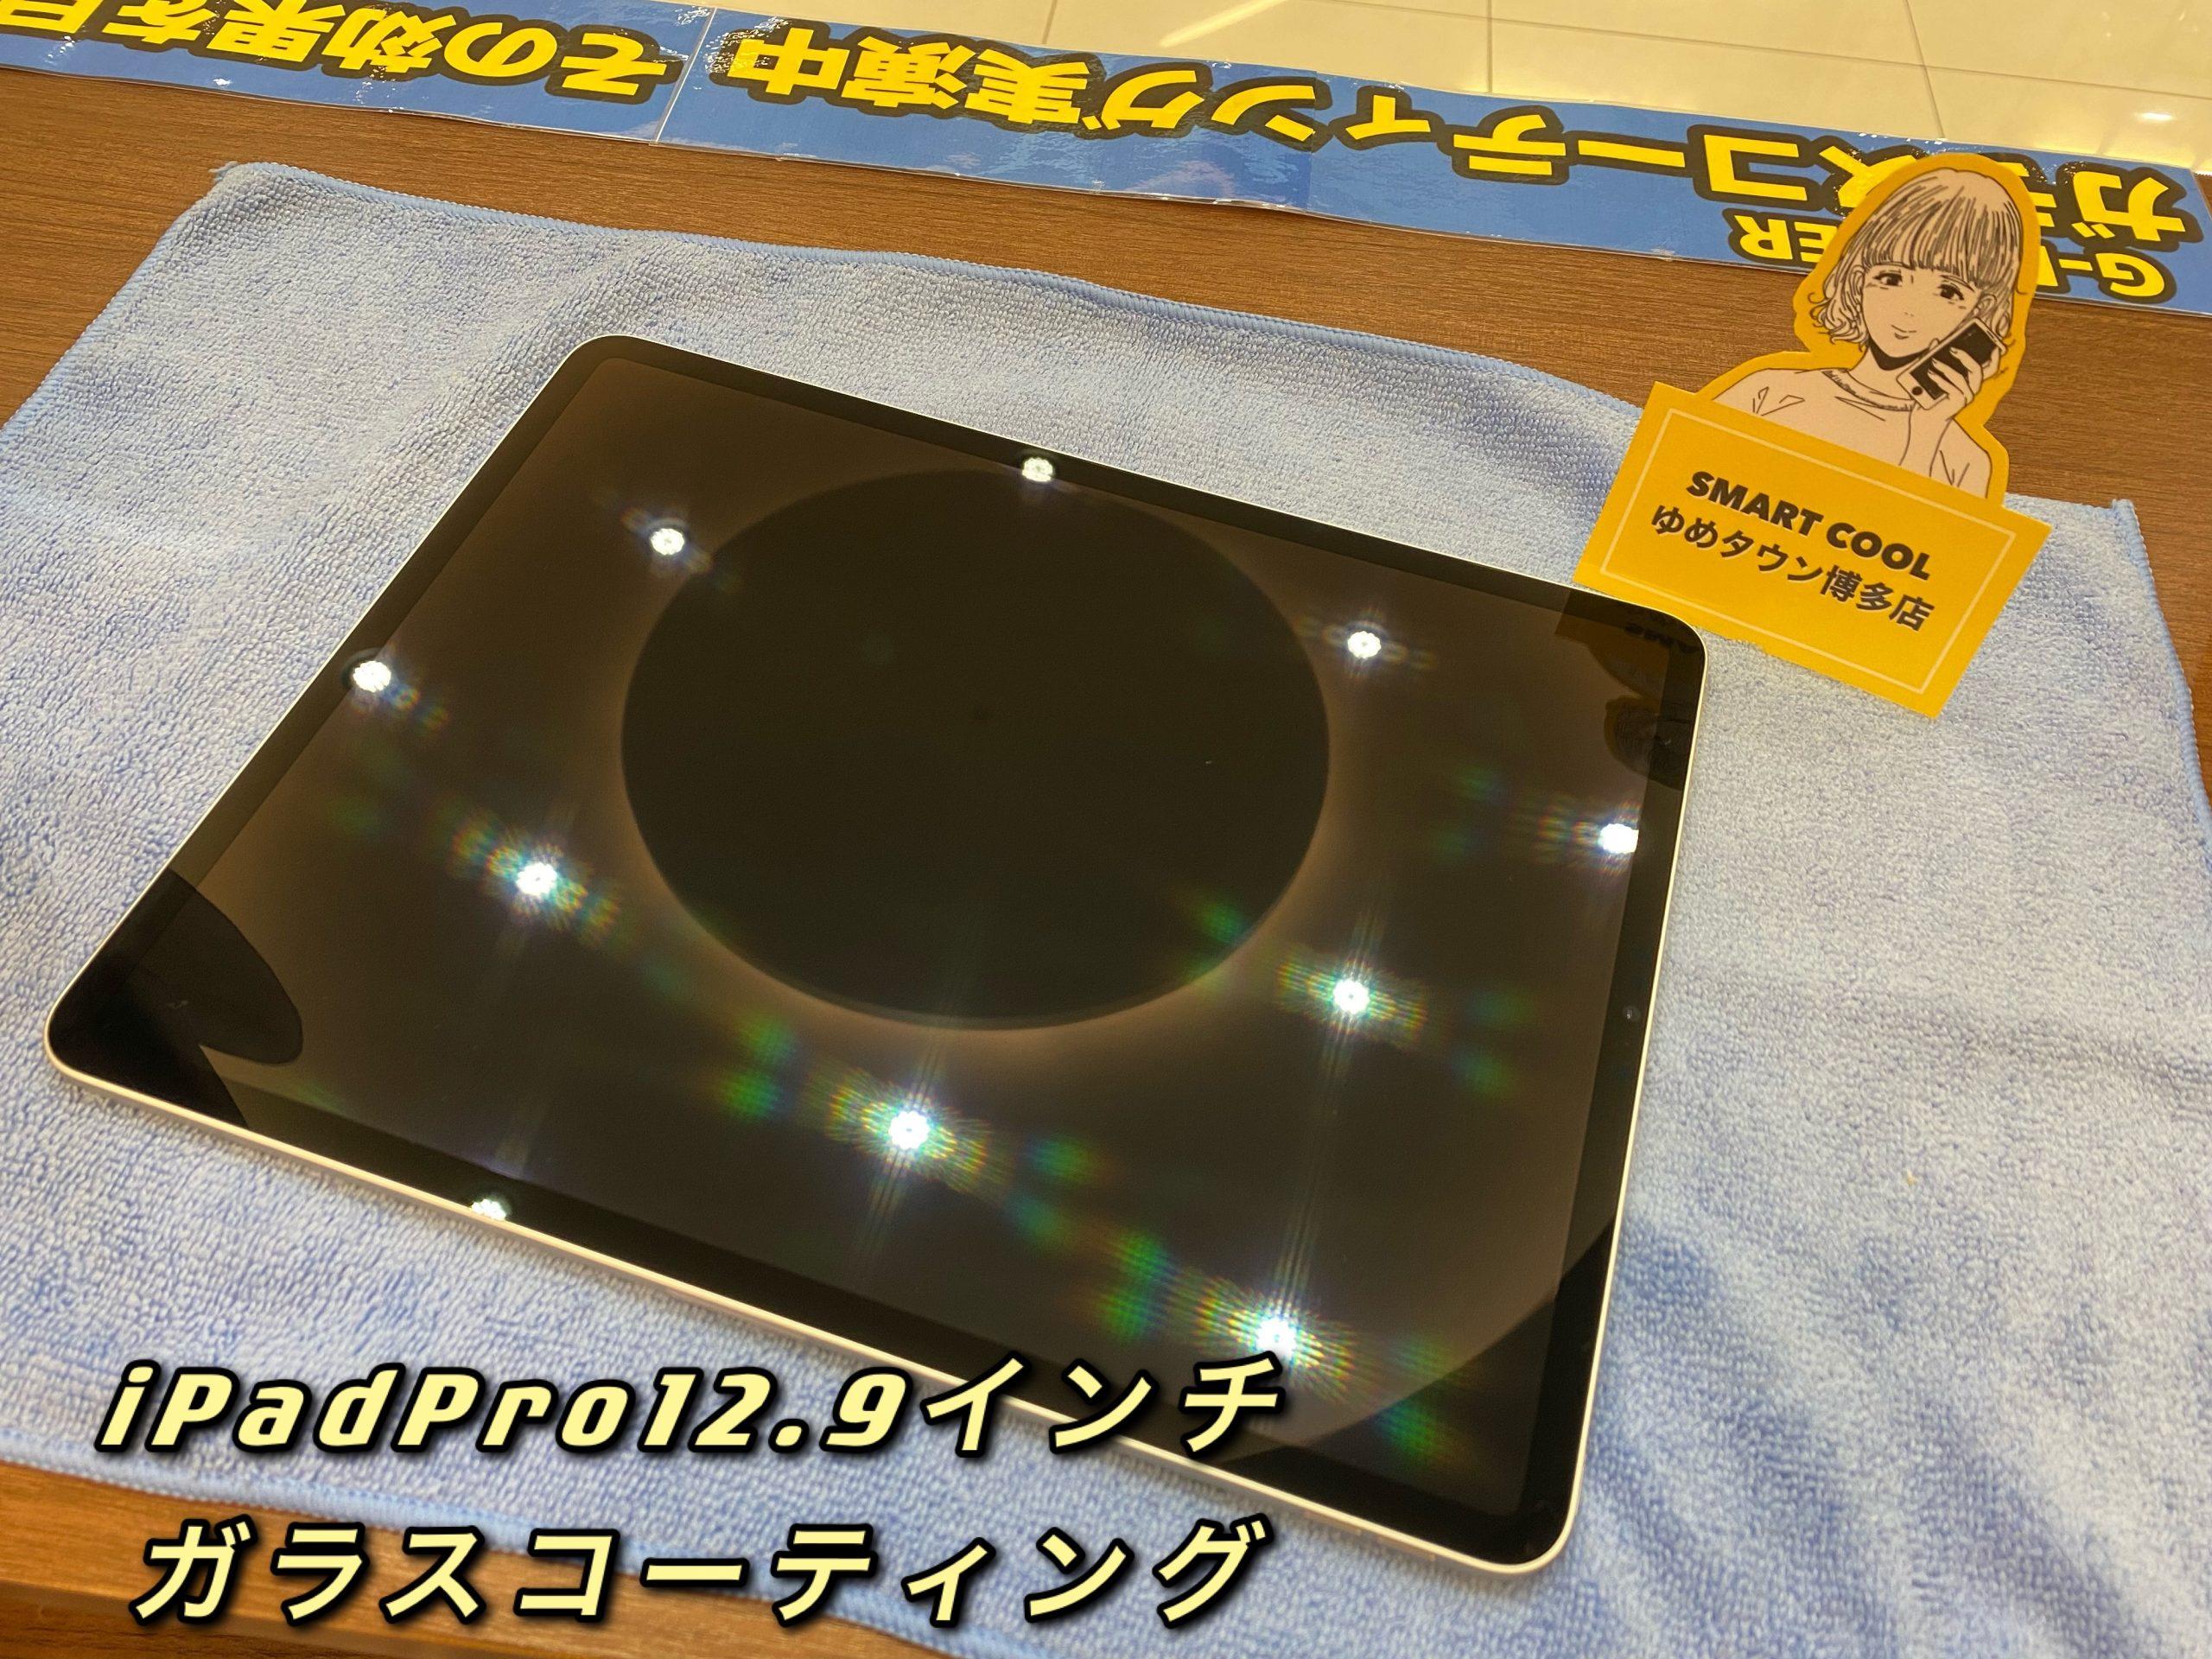 ★iPadPro12.9インチガラスコーティング/福岡市よりお越しのお客様